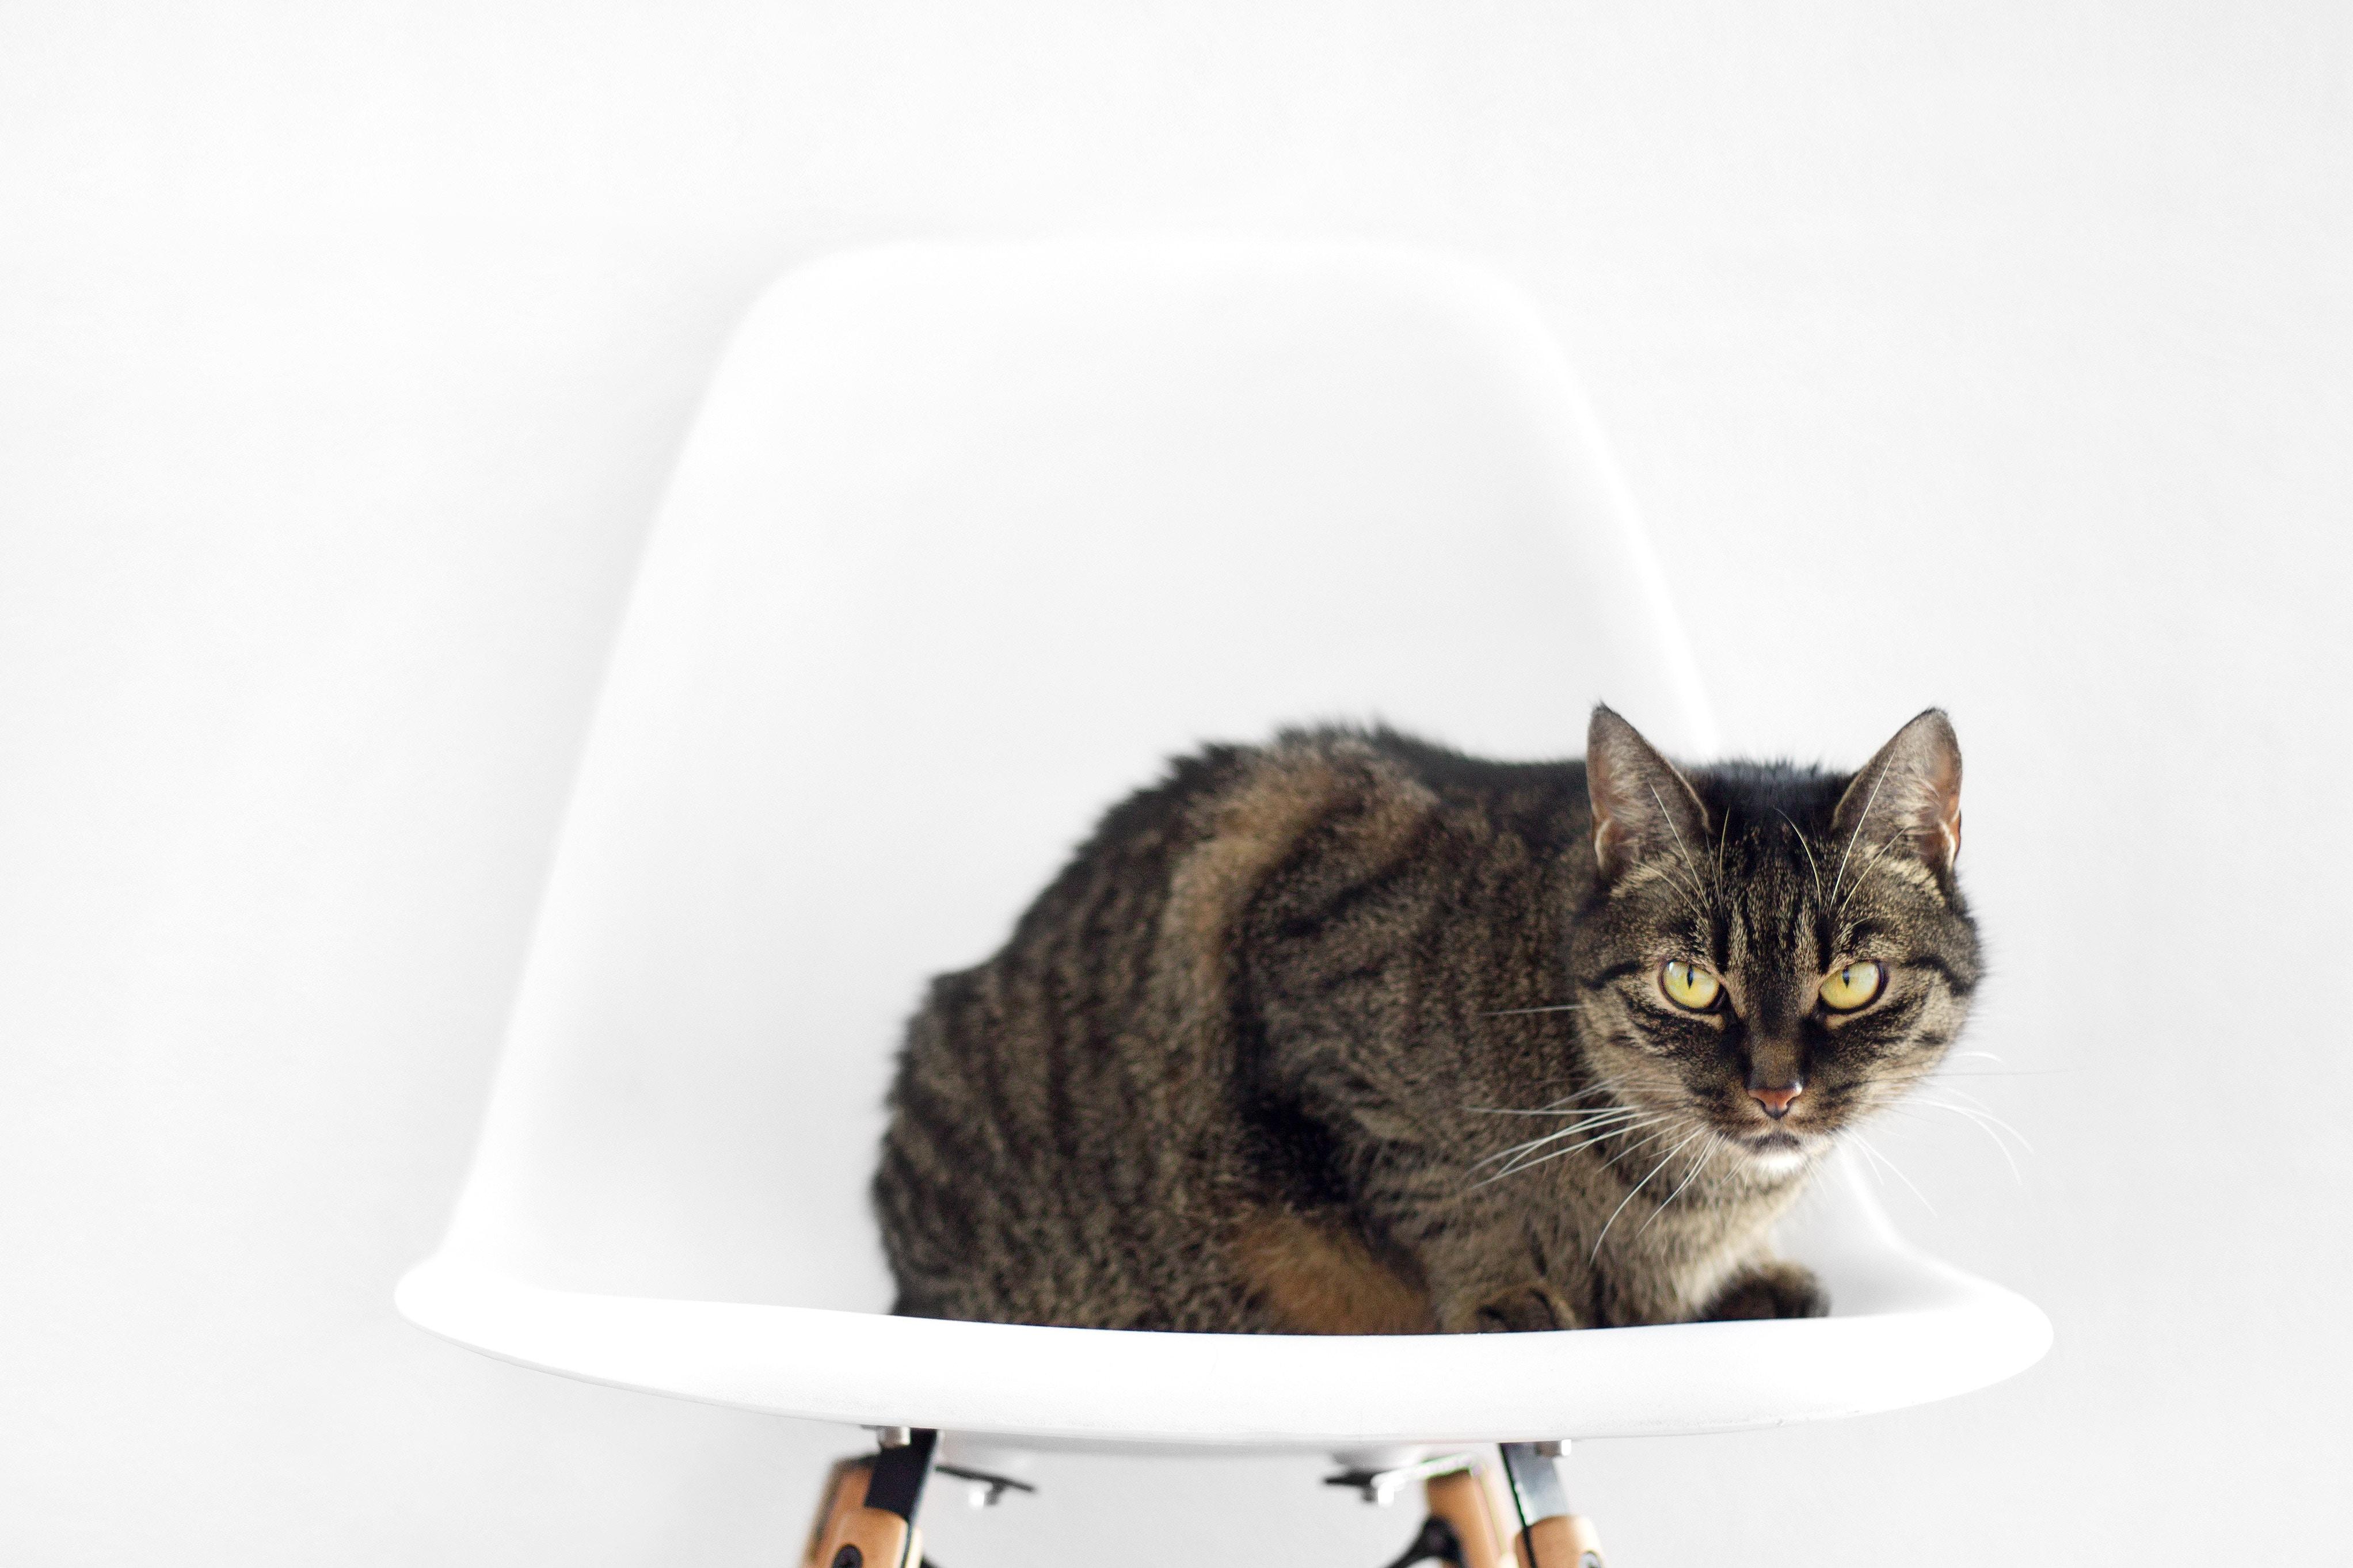 白い椅子の上に乗っている猫